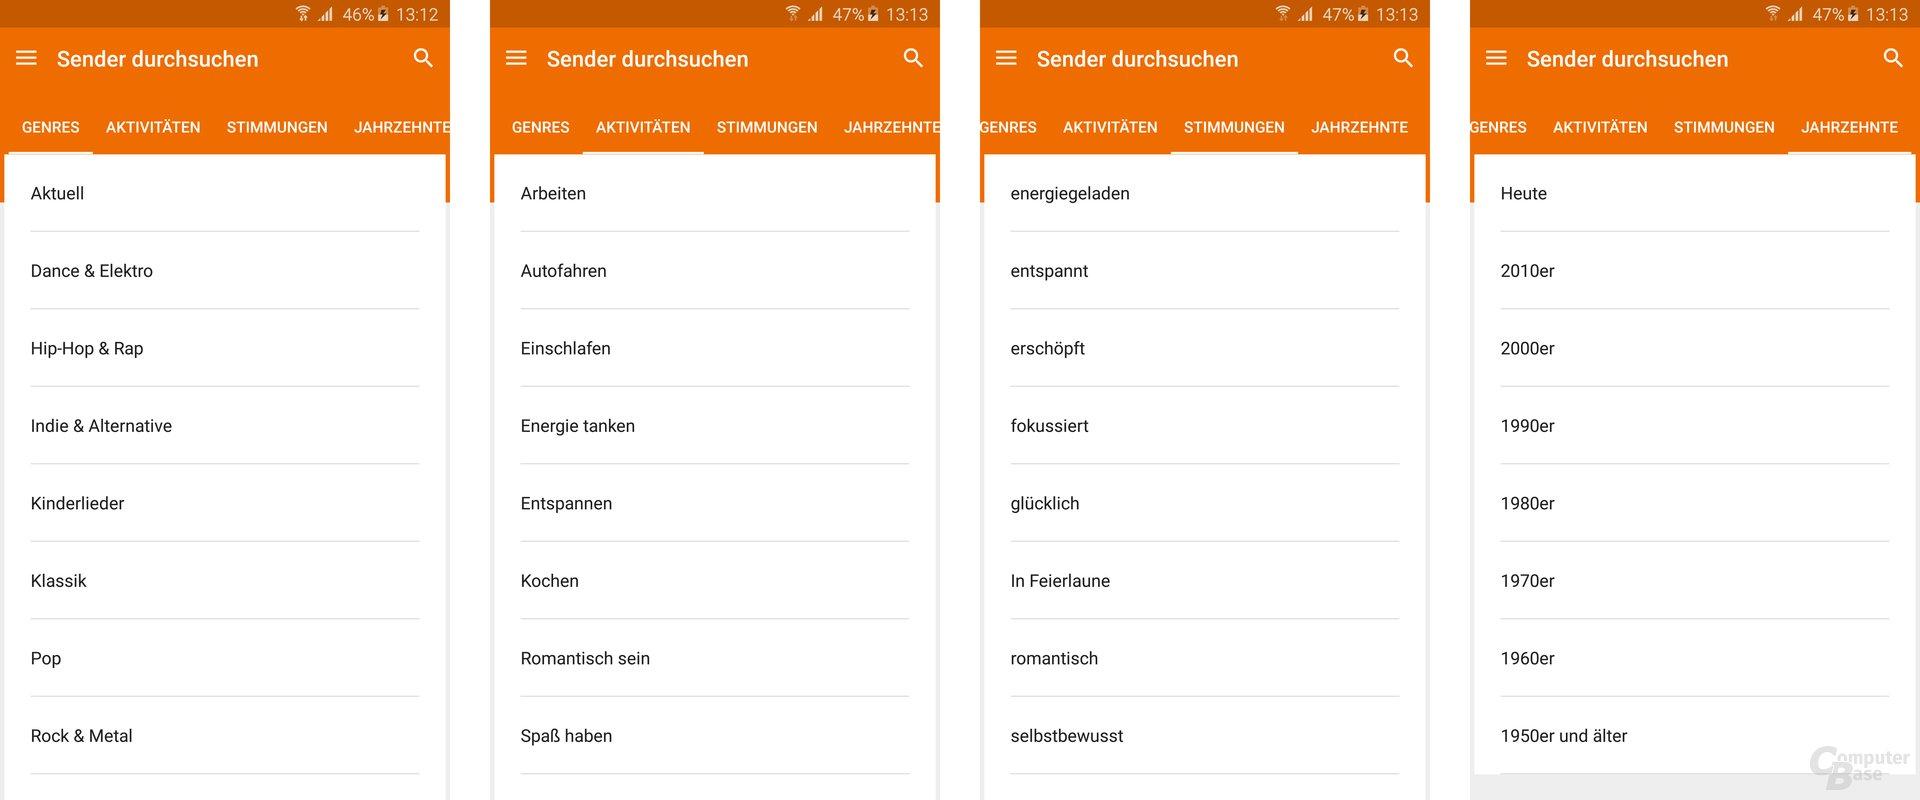 Google Play Musik für Android: Auswahl von Sendern (Playlisten)